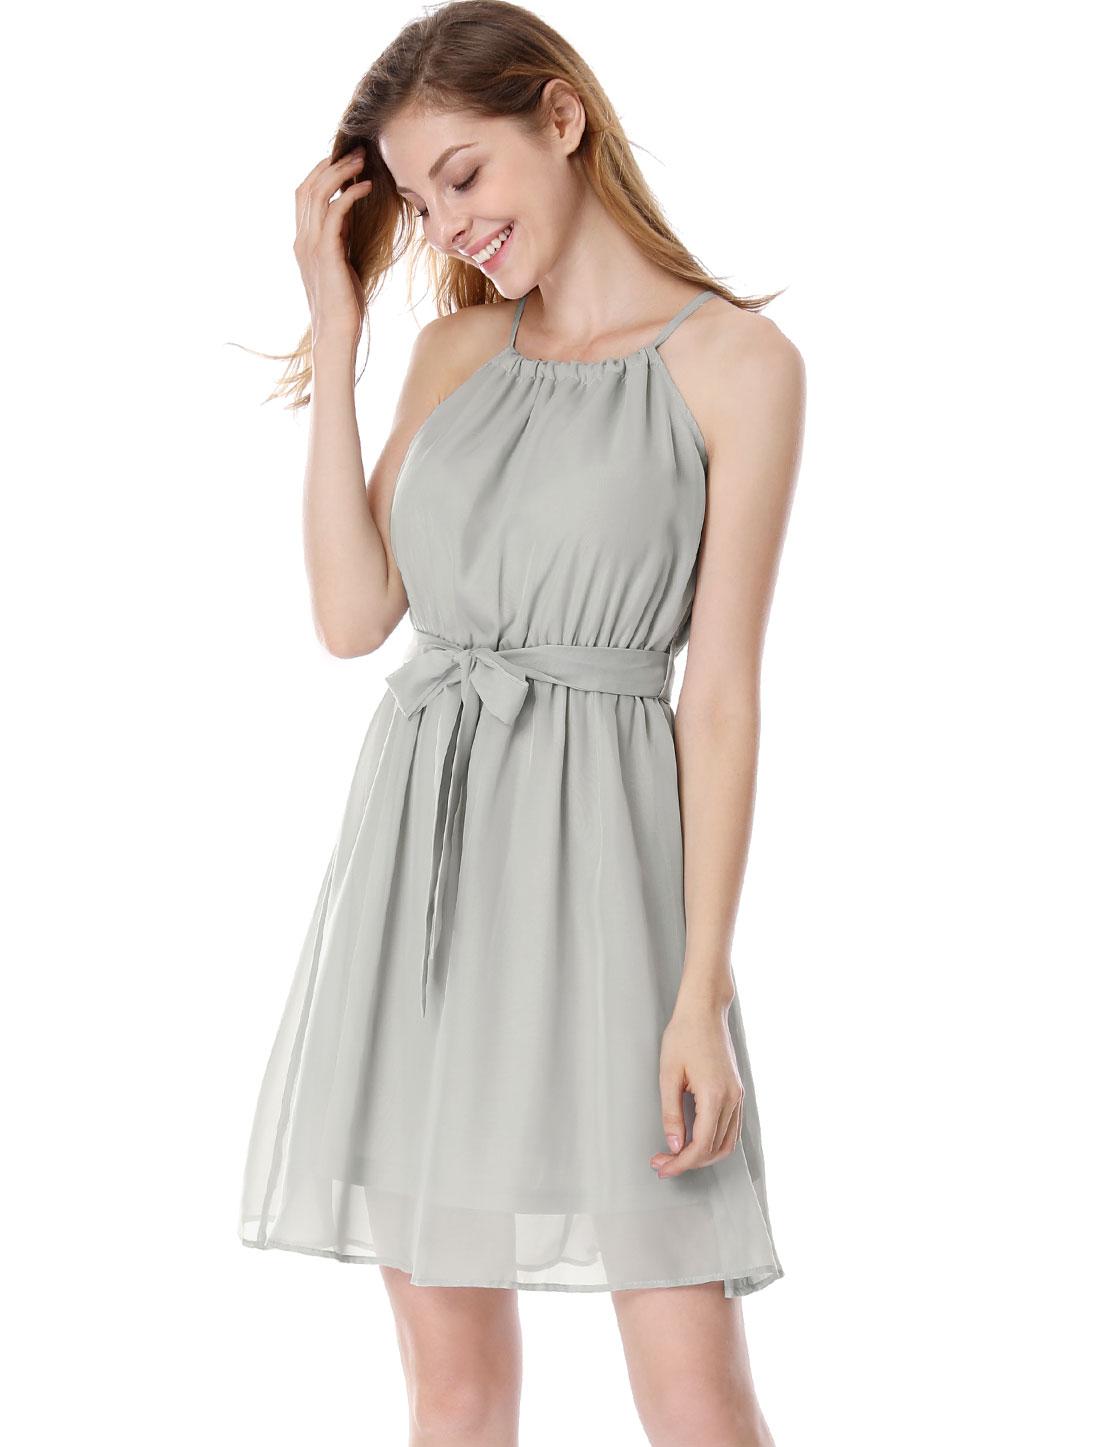 Women Pure Light Gray Sleeveless Lined Chic Summer Dress XL